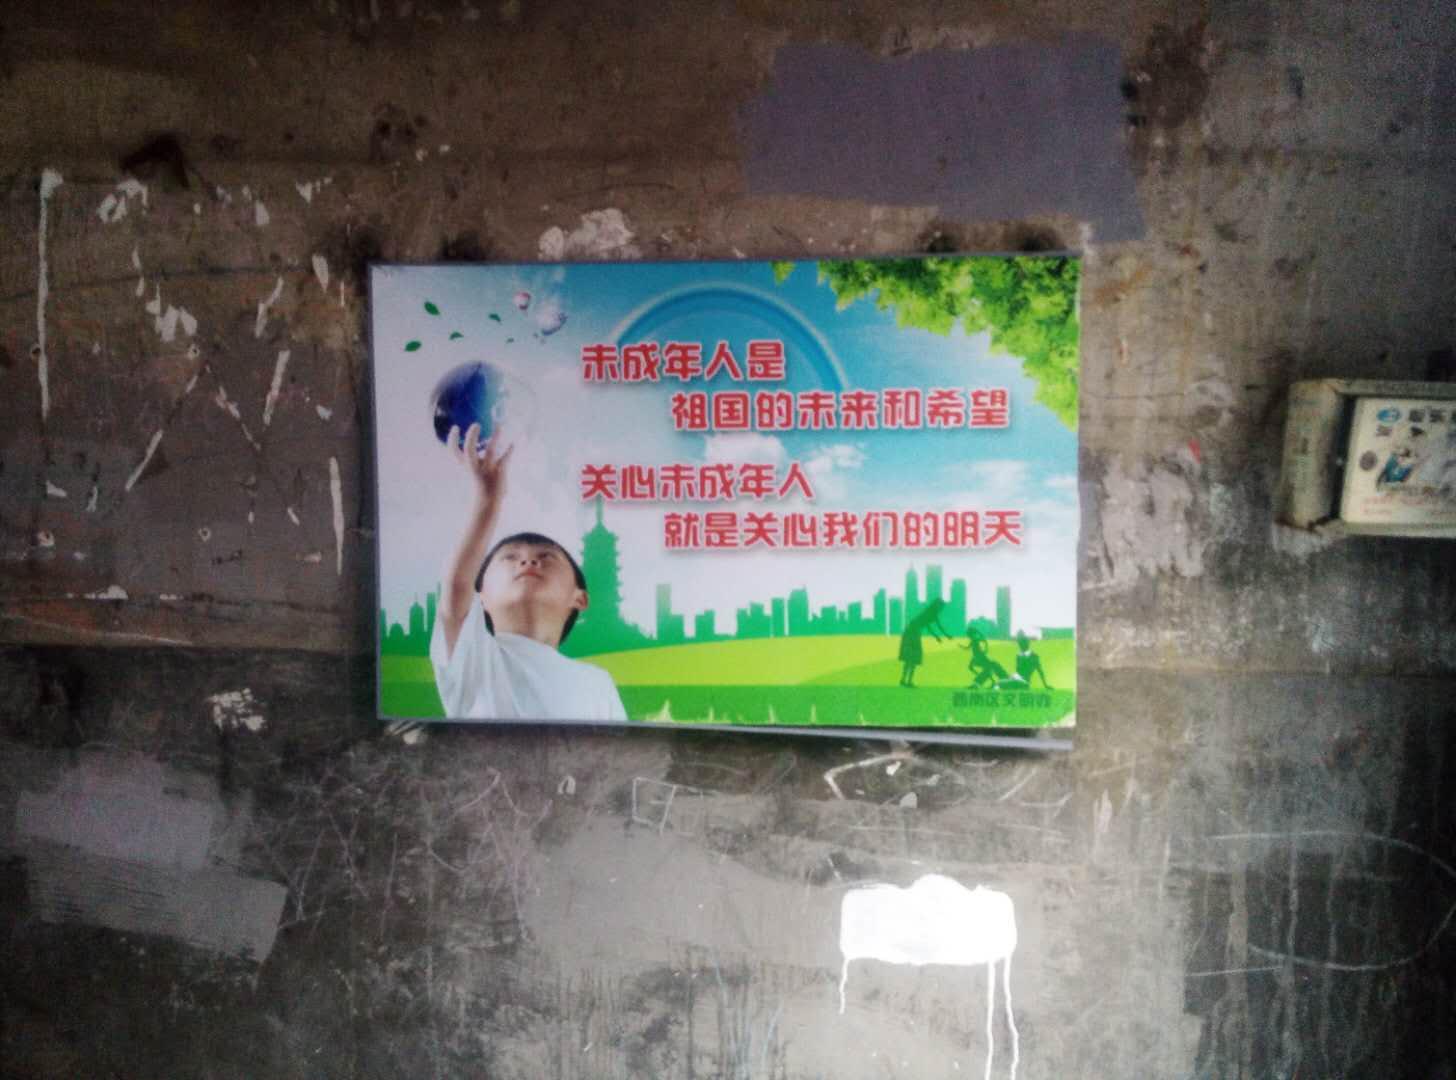 门洞里崭新的宣传版画,由区文明办张贴。 (作者供图)